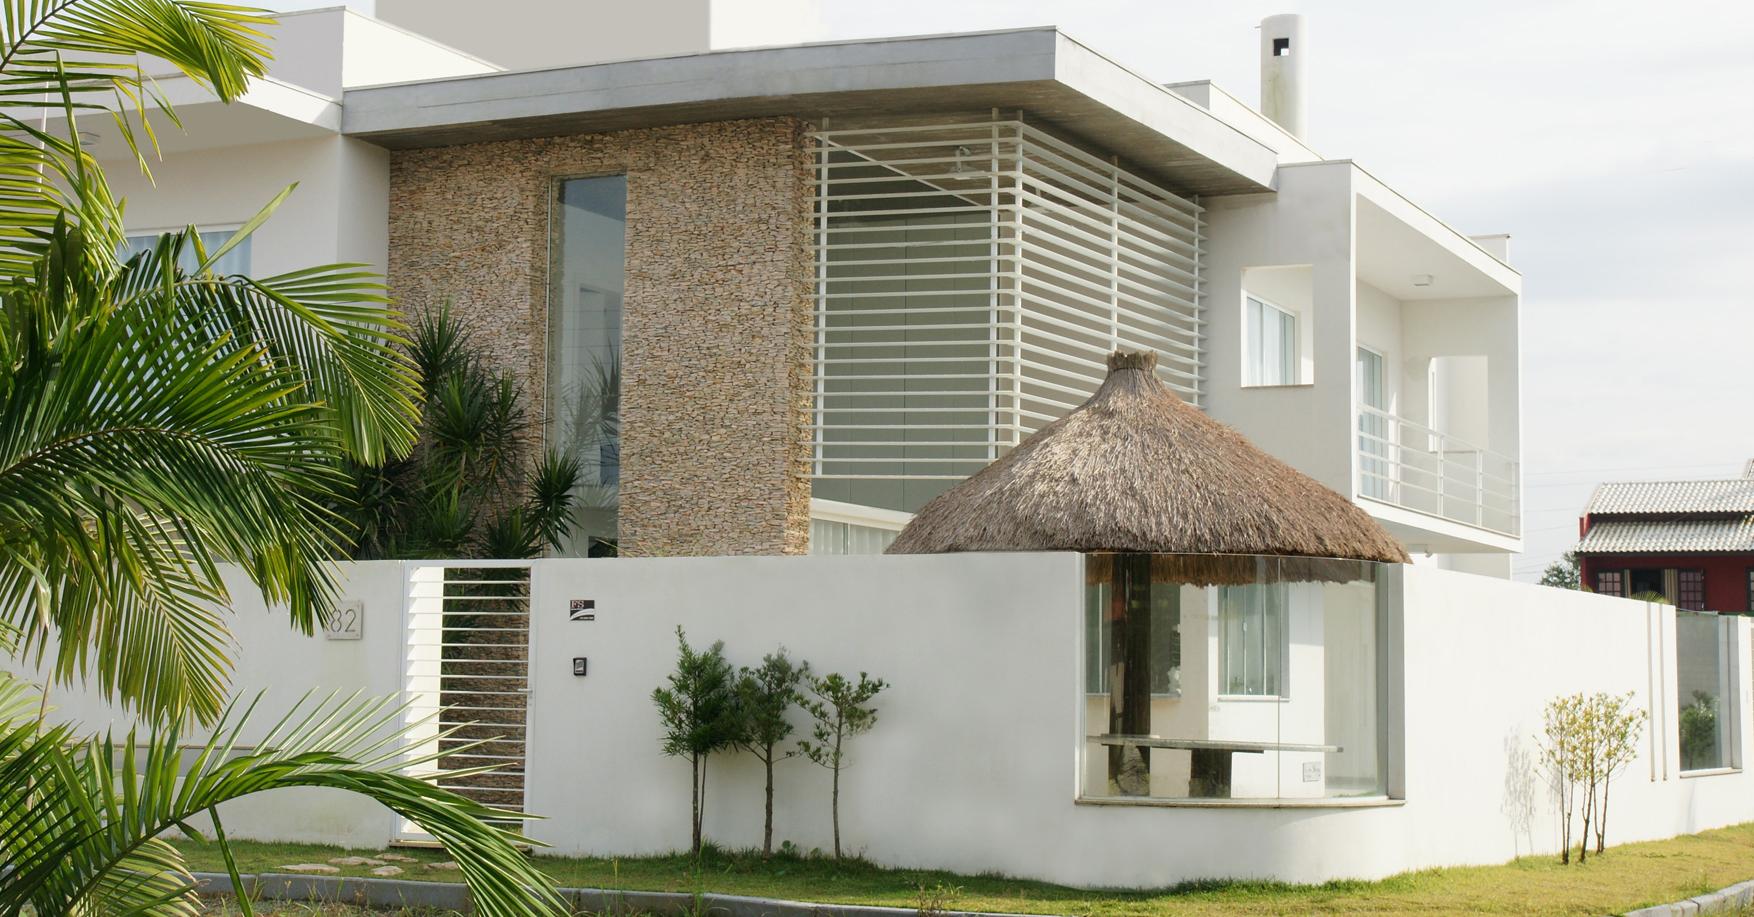 PJV Arquitetura - Casa Brise